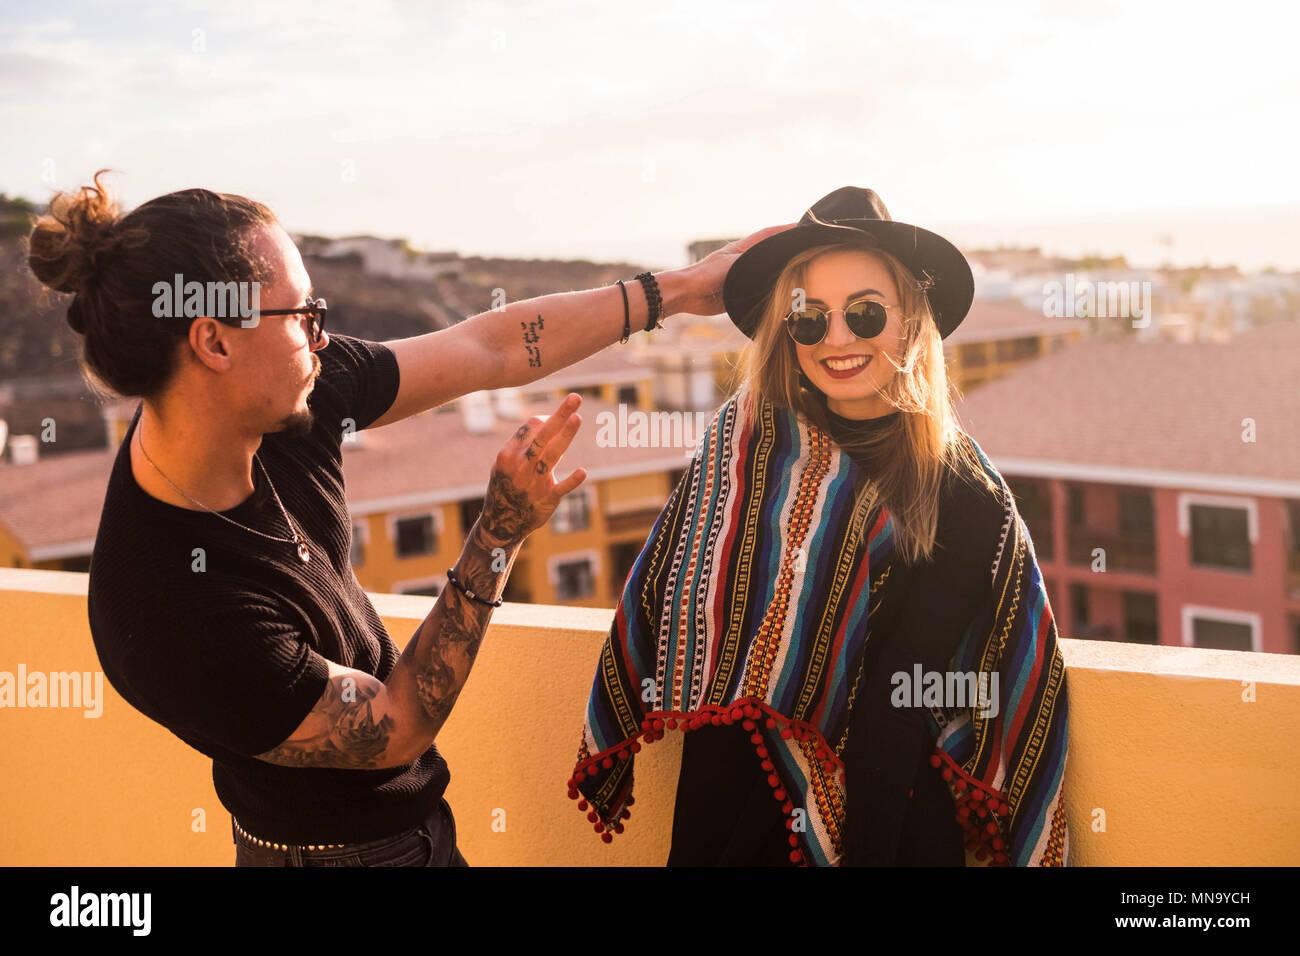 Schöne paar Modell Freunde in Beziehung haben Spaß auf der Terrasse zu Hause auf dem Dach mit fantastischem Blick auf andere Häuser und Panorama. Sie Lächeln ein Stockbild